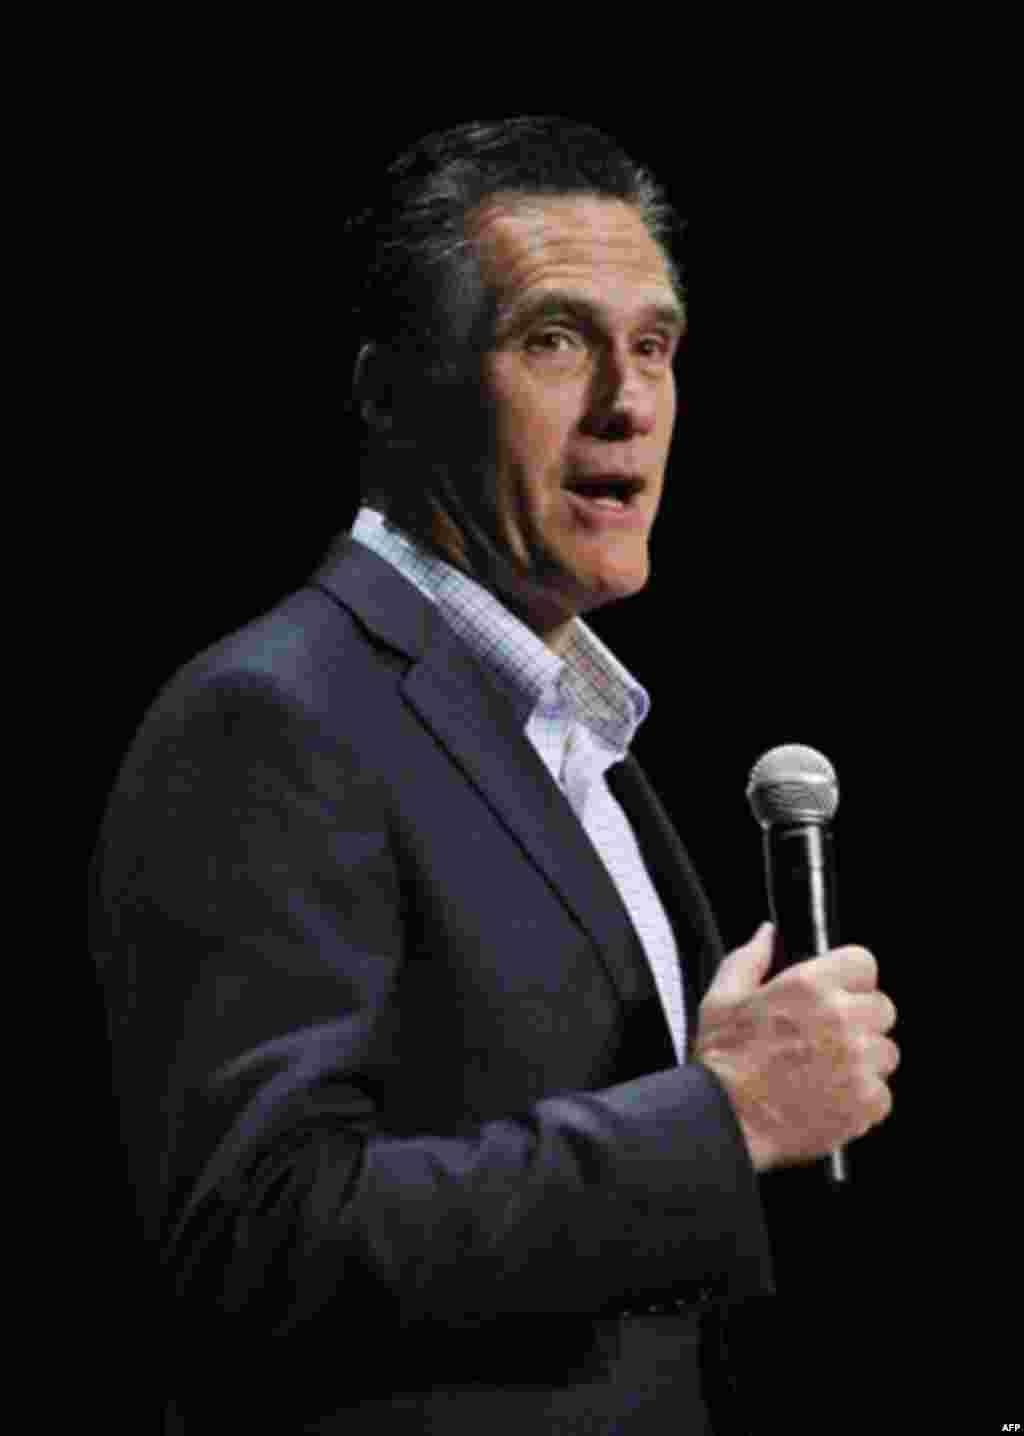 Eski Massachusetts Valisi Mitt Romney, mevcut adaylar arasındaki en ılımlı isim olarak öne çıkıyor